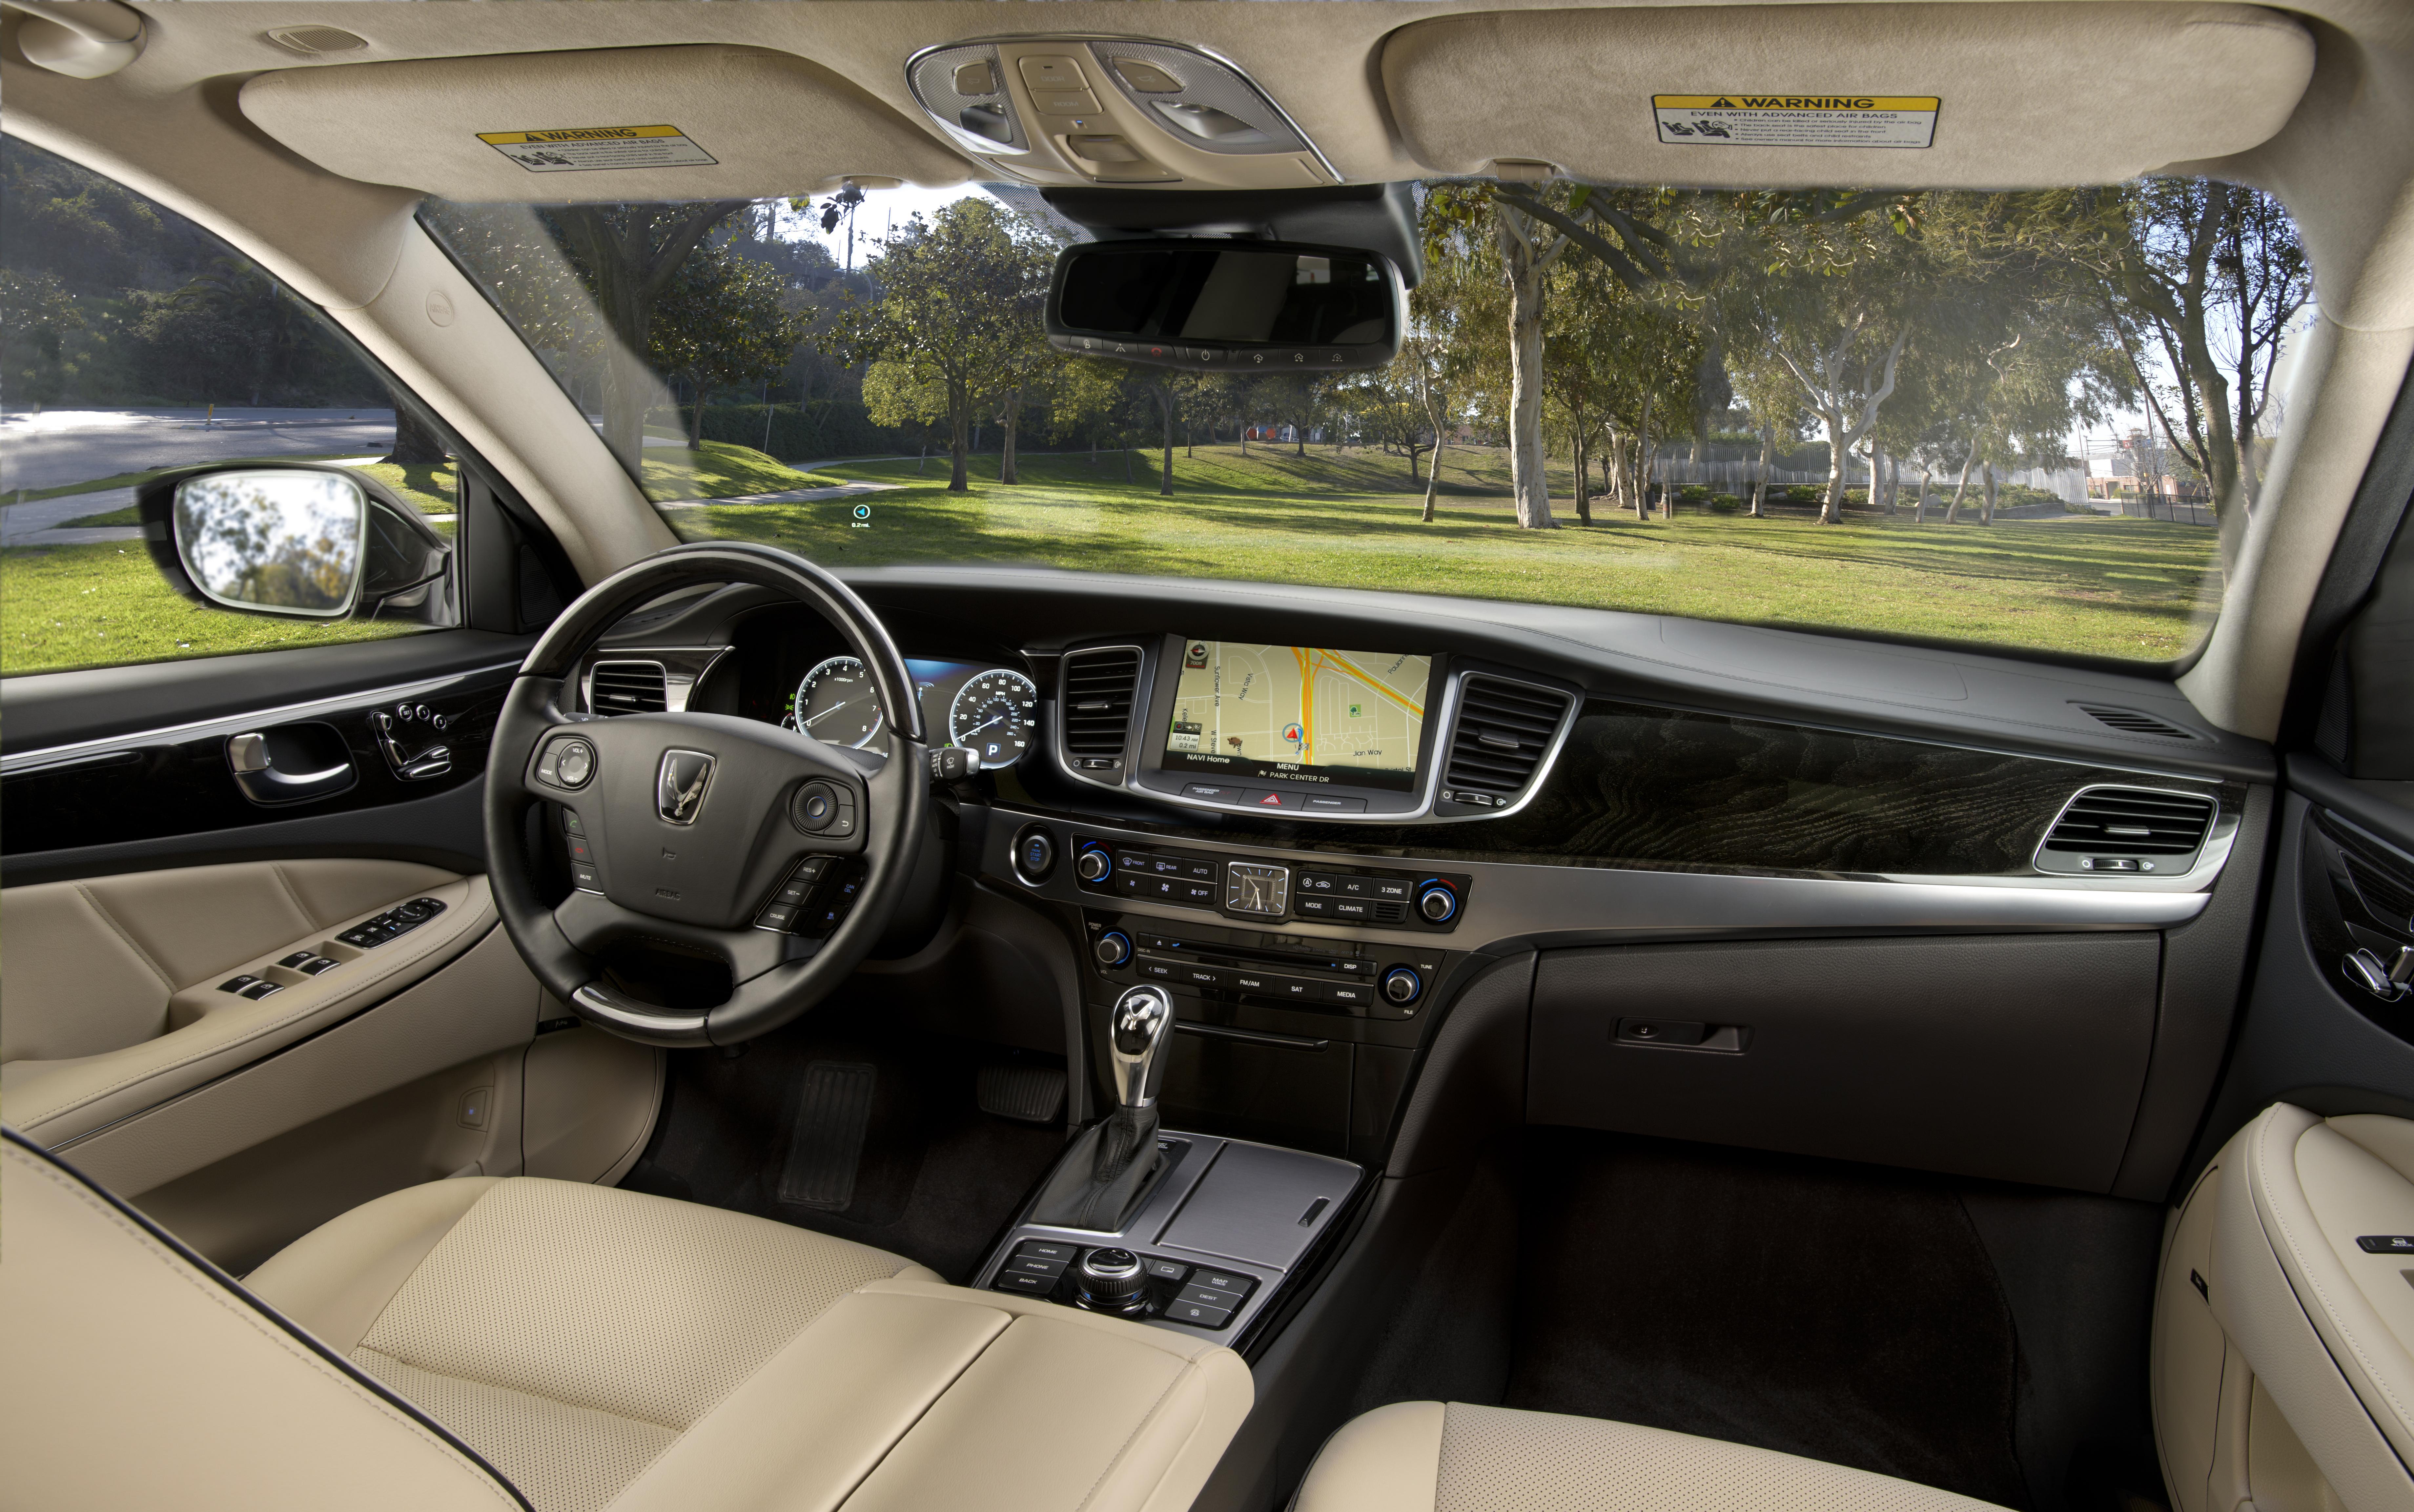 2008 - [Hyundai] i70 / i90 / Equus - Page 4 8595343047_94a11dbb22_o